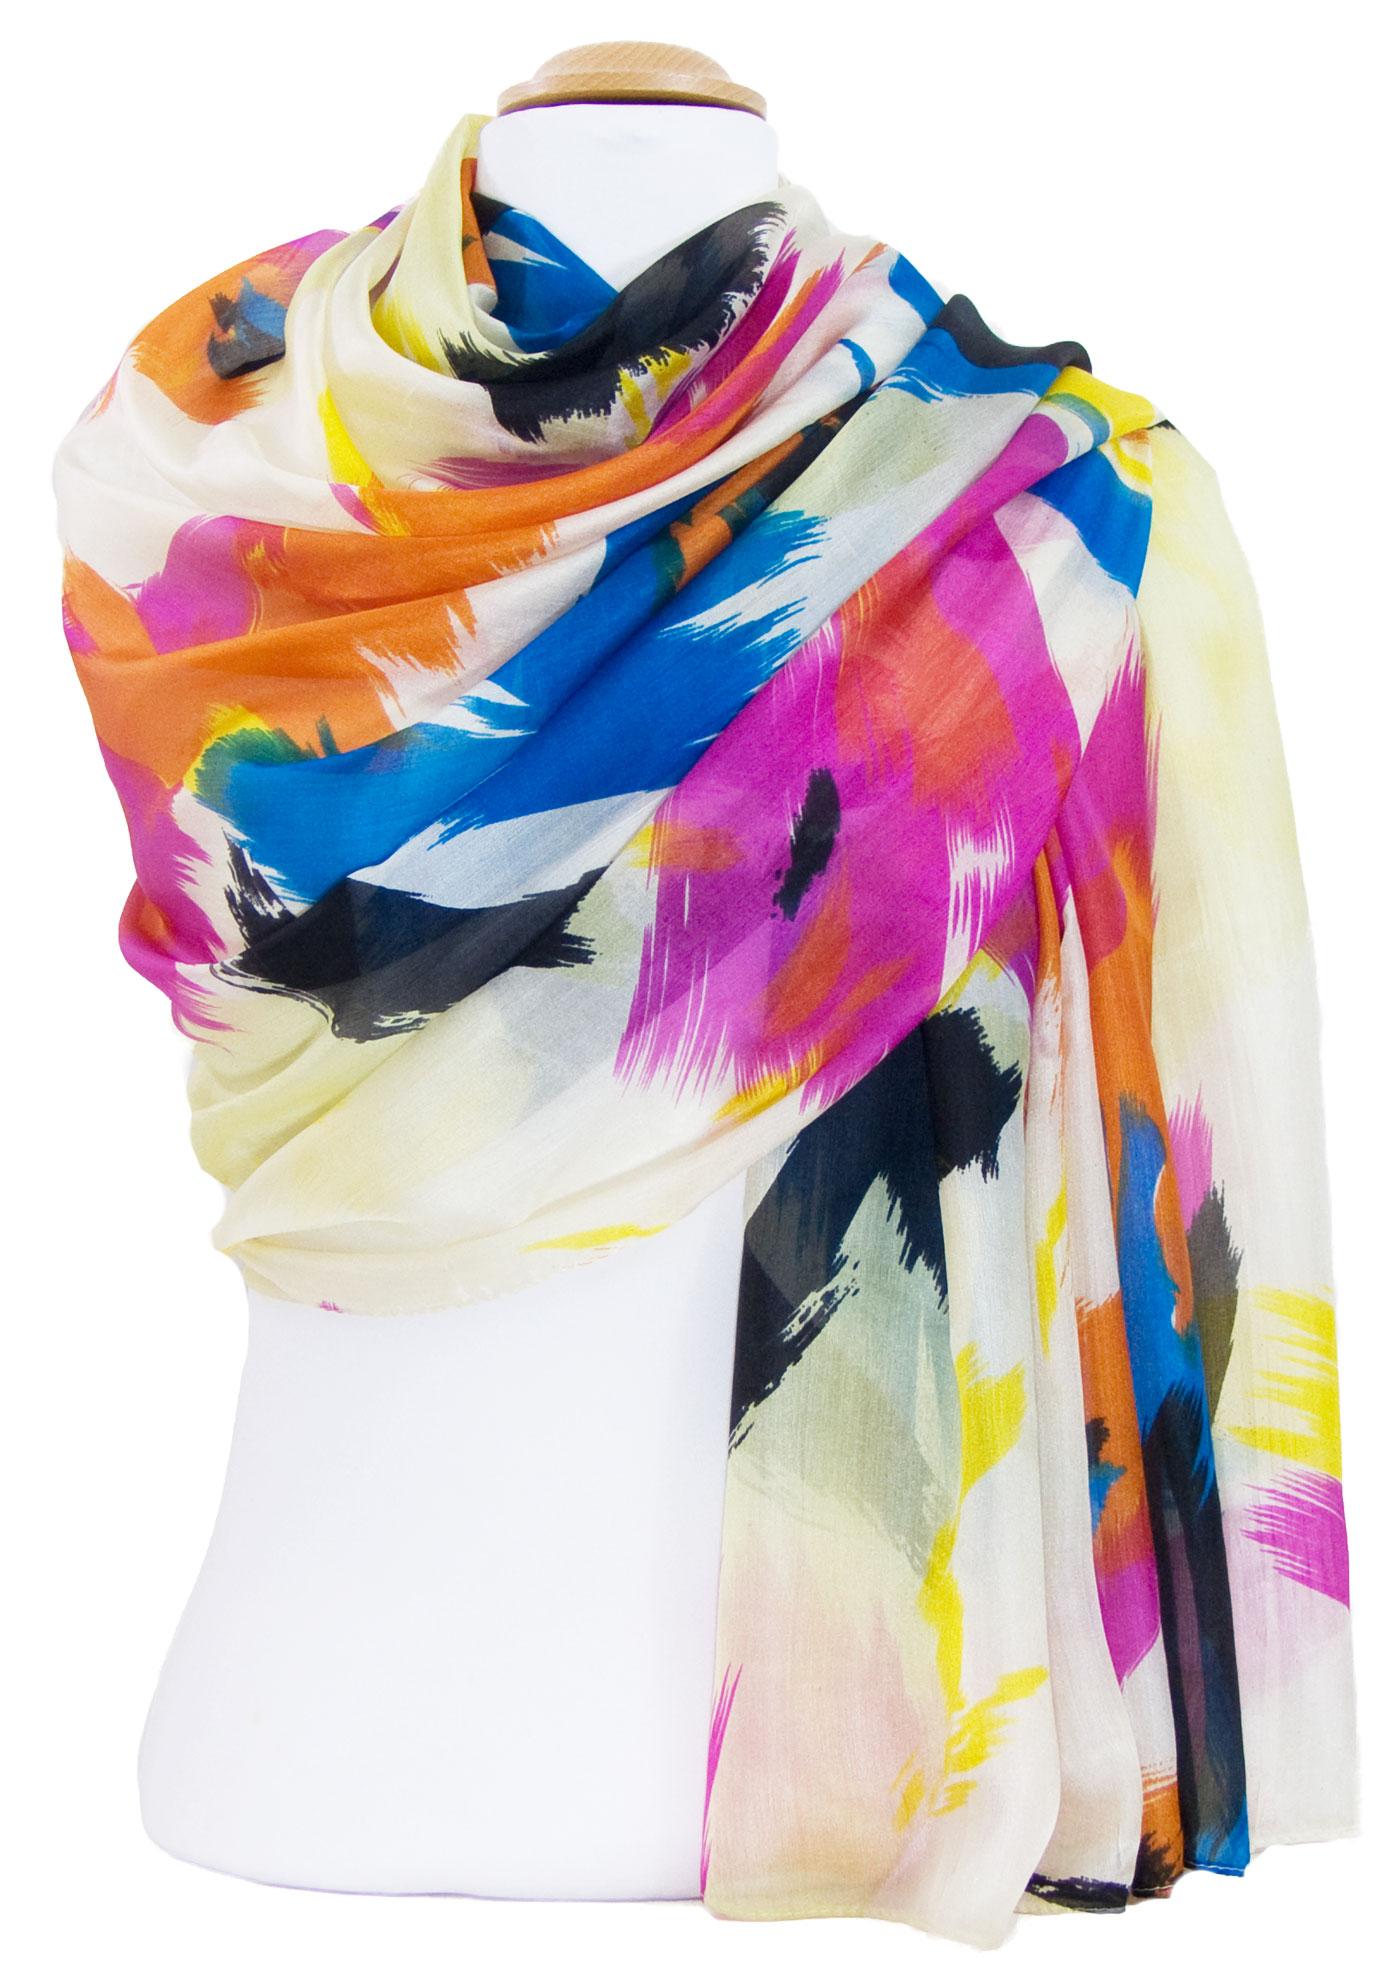 131a8cb3389 Mes écharpes   boutique Française spécialisée dans la vente de foulards en  soie